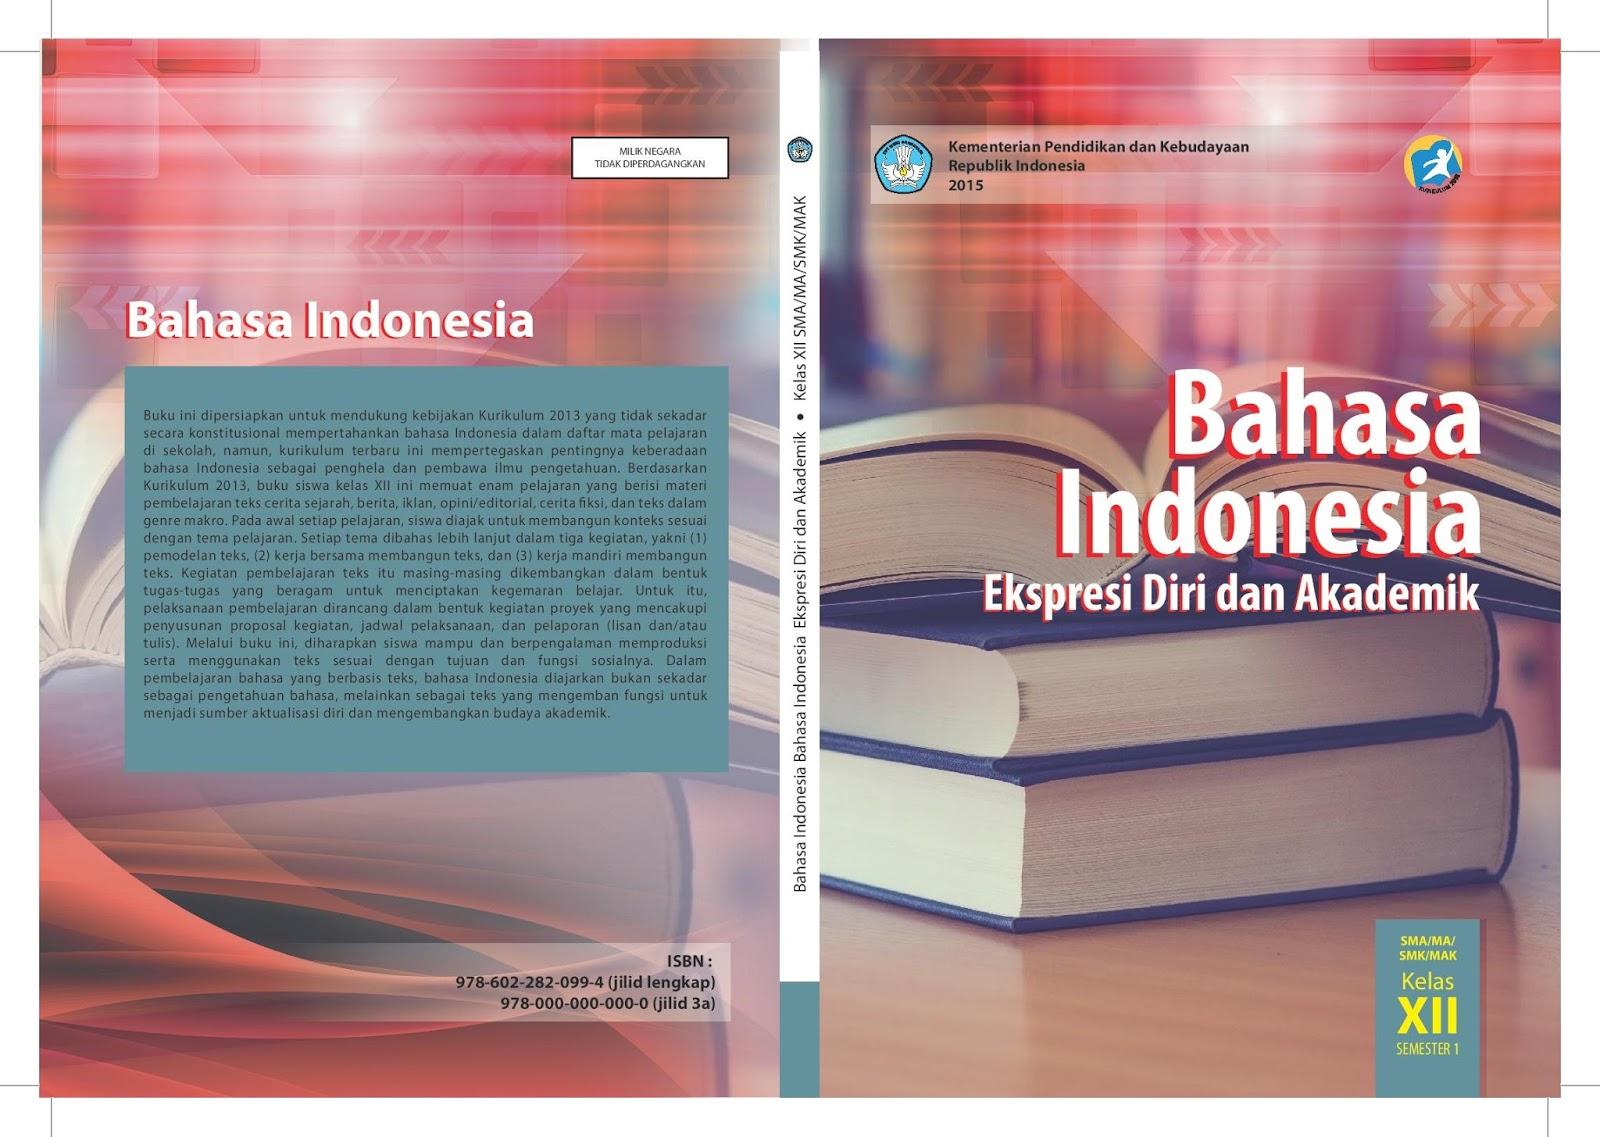 Jawaban Tugas Halaman 153 Buku Bahasa Indonesia Kelas Xi Edisi Revisi 2017